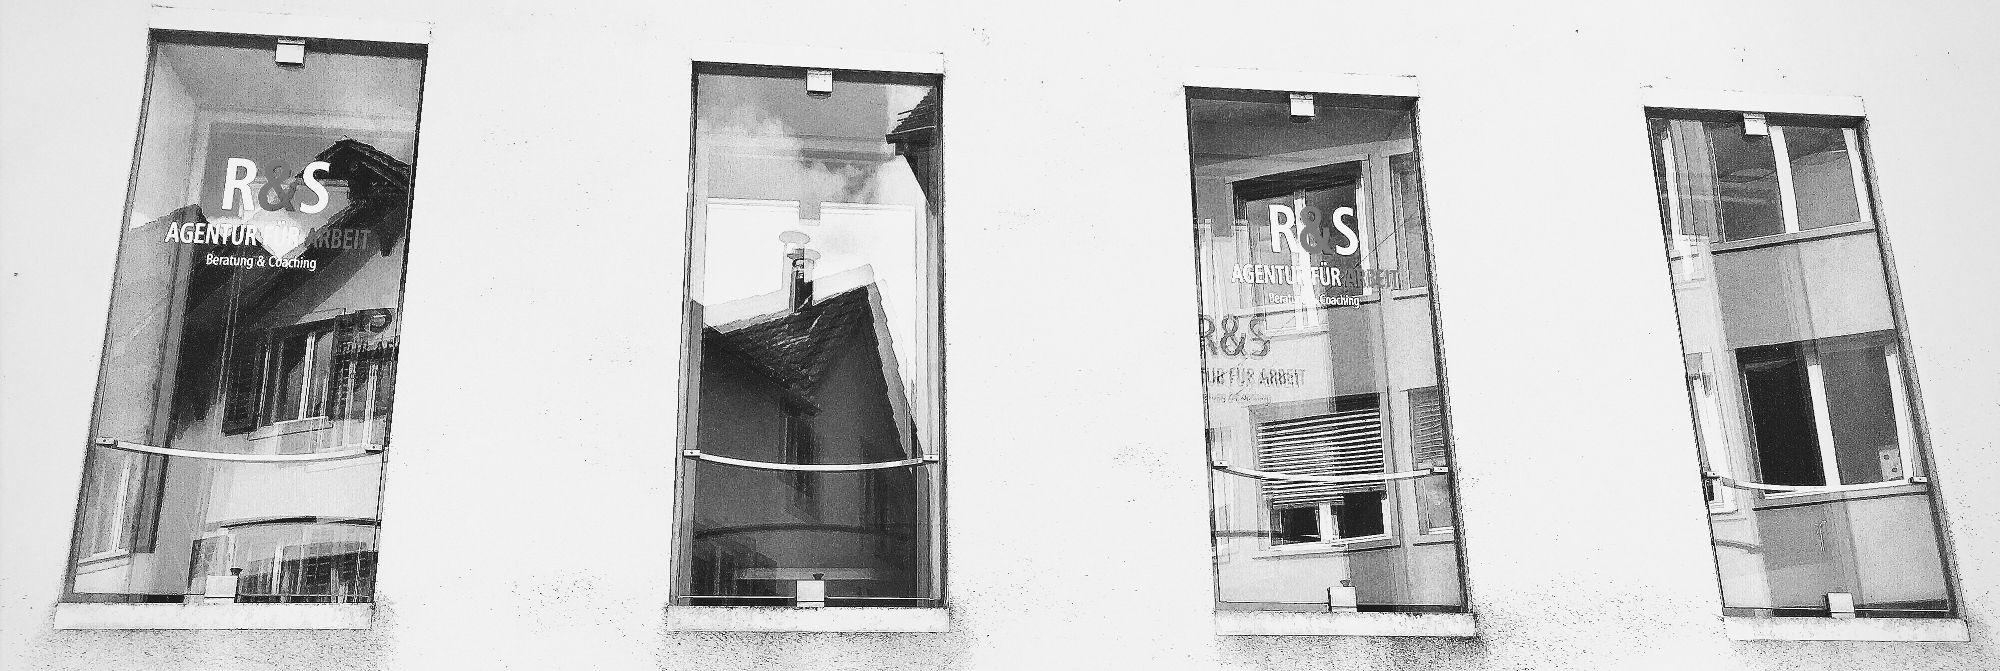 R&S - Agentur für Arbeit - Büro in Aarau